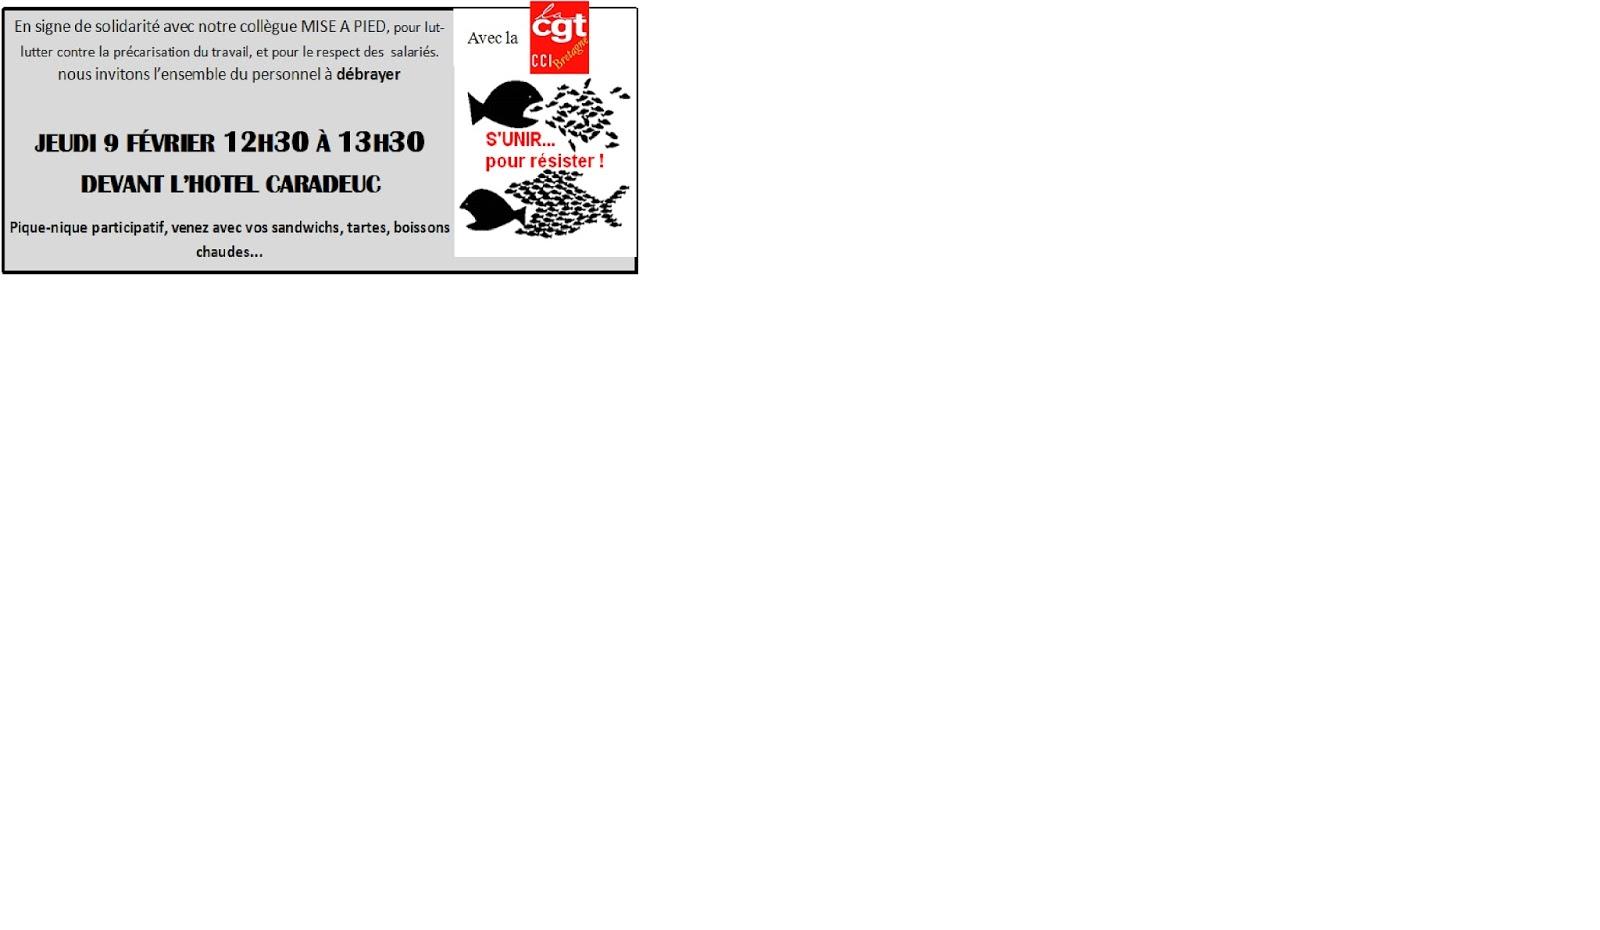 Chambre de commerce et industrie region bretagne syndicat cgt for Chambre de commerce de rennes